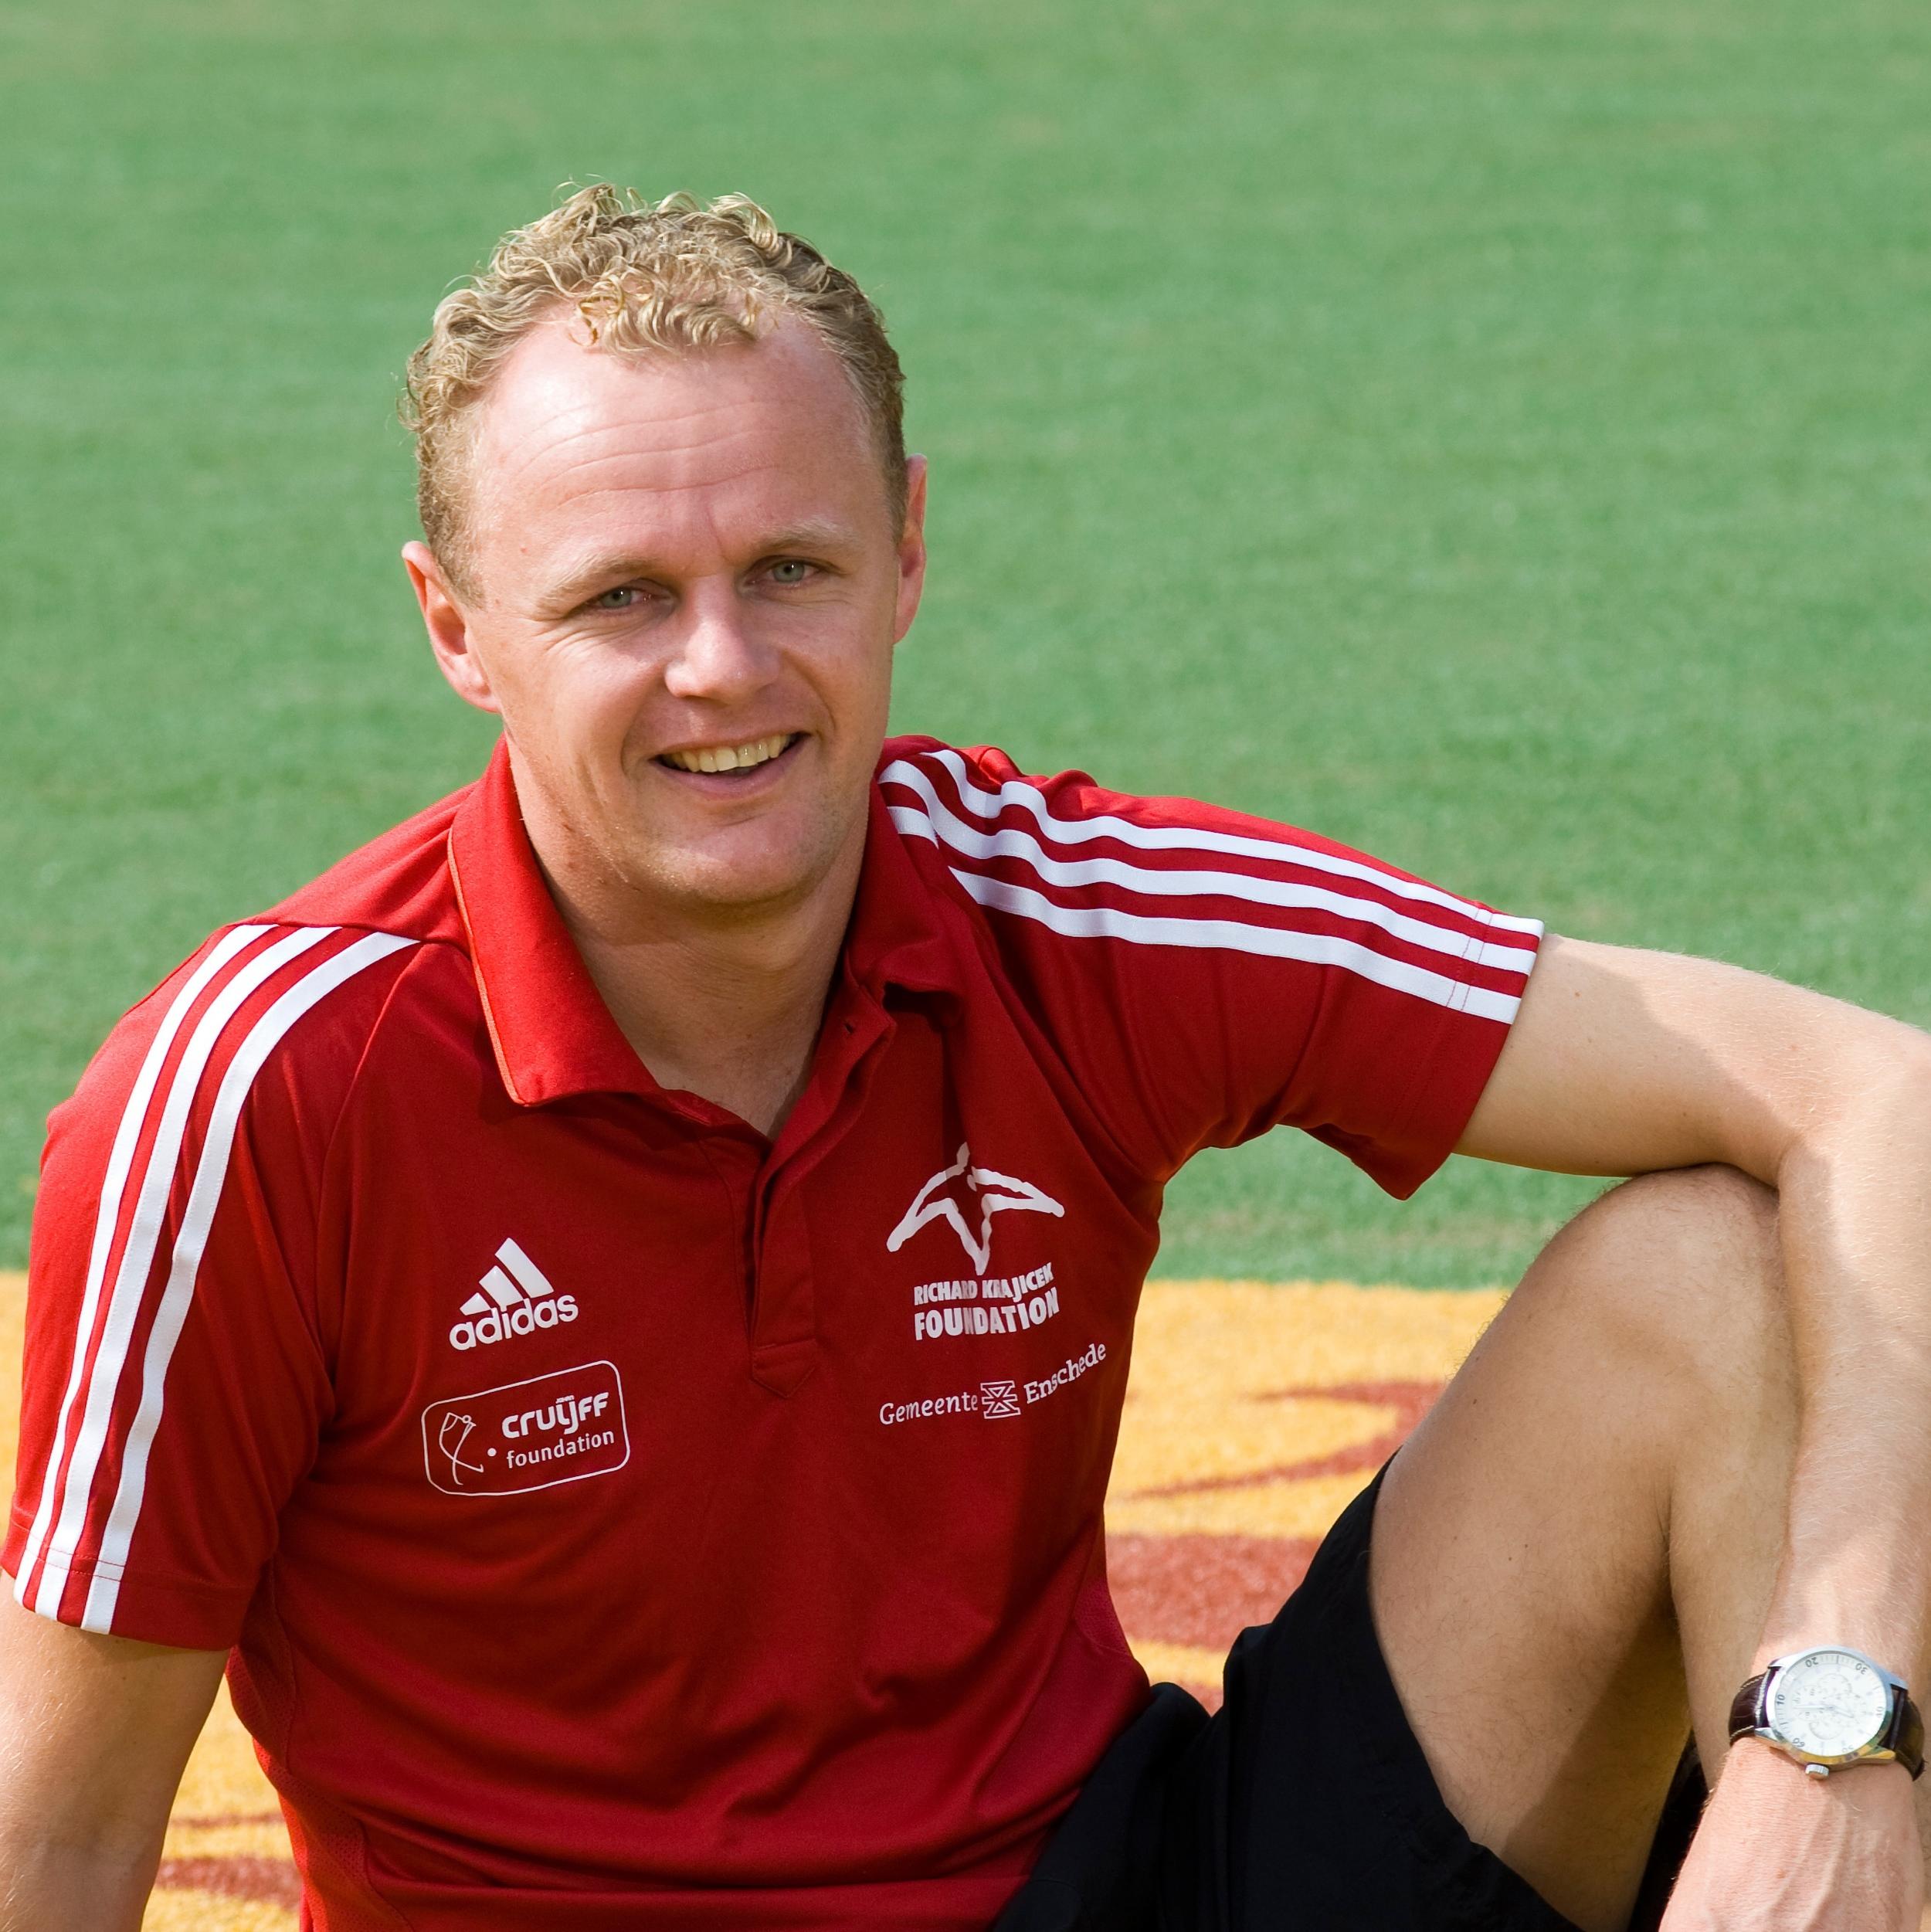 Tom Slotman    t.slotman@enschede.nl     GBS De Bron  KBS de Triangel    Combinatiefunctionaris West  Hatteler Plaza Sportinstuif